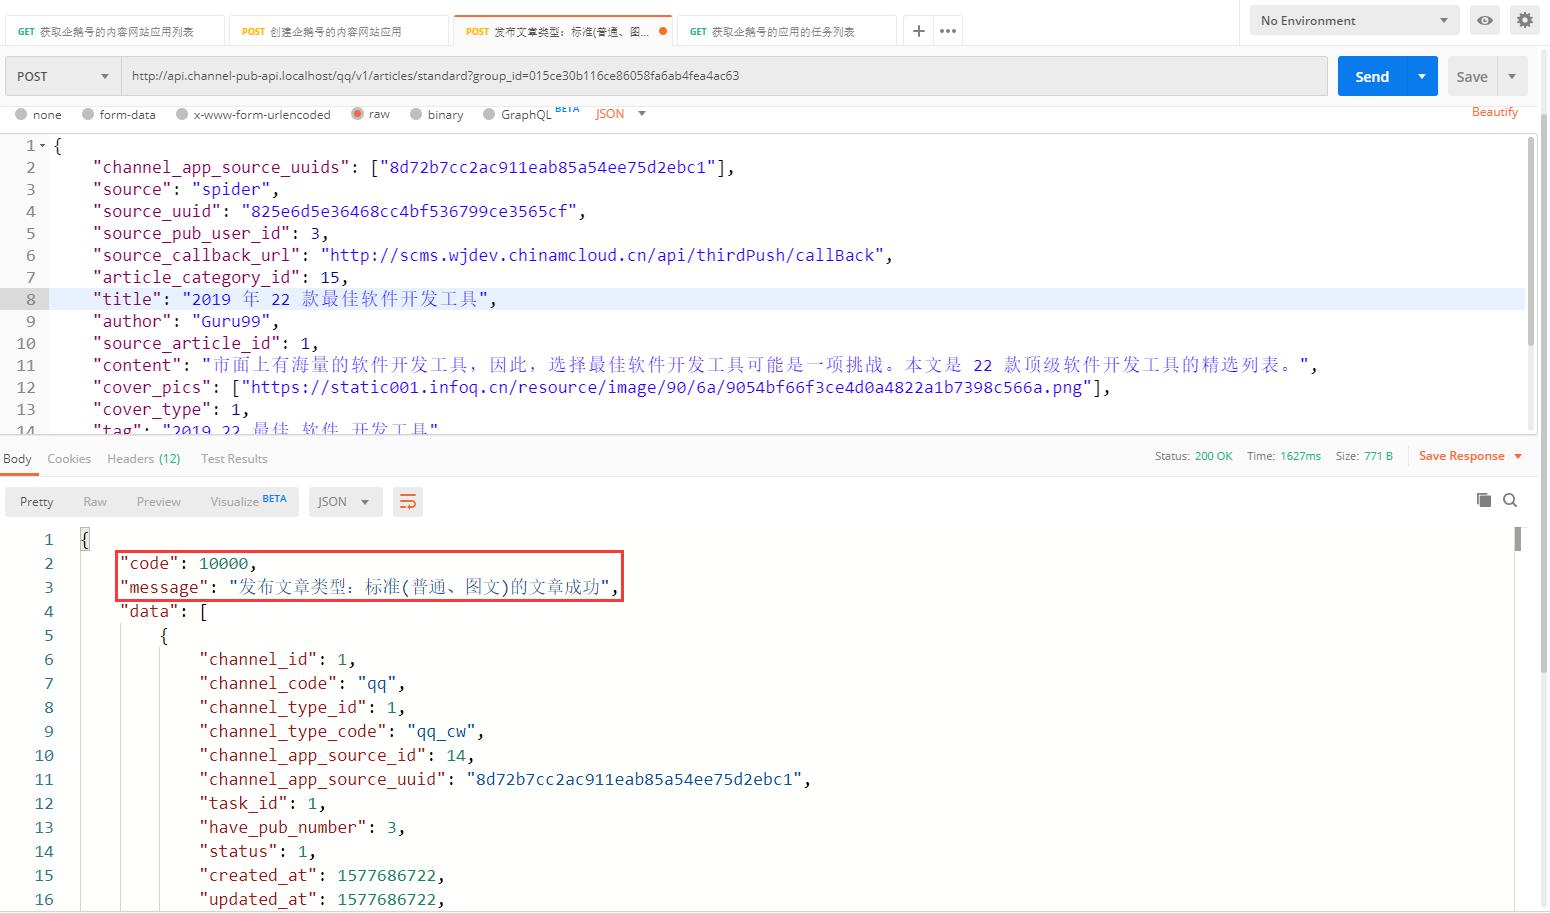 发布文章类型:标准(普通、图文)的文章,发布成功(即入库成功),查看发布任务的 SQL 语句